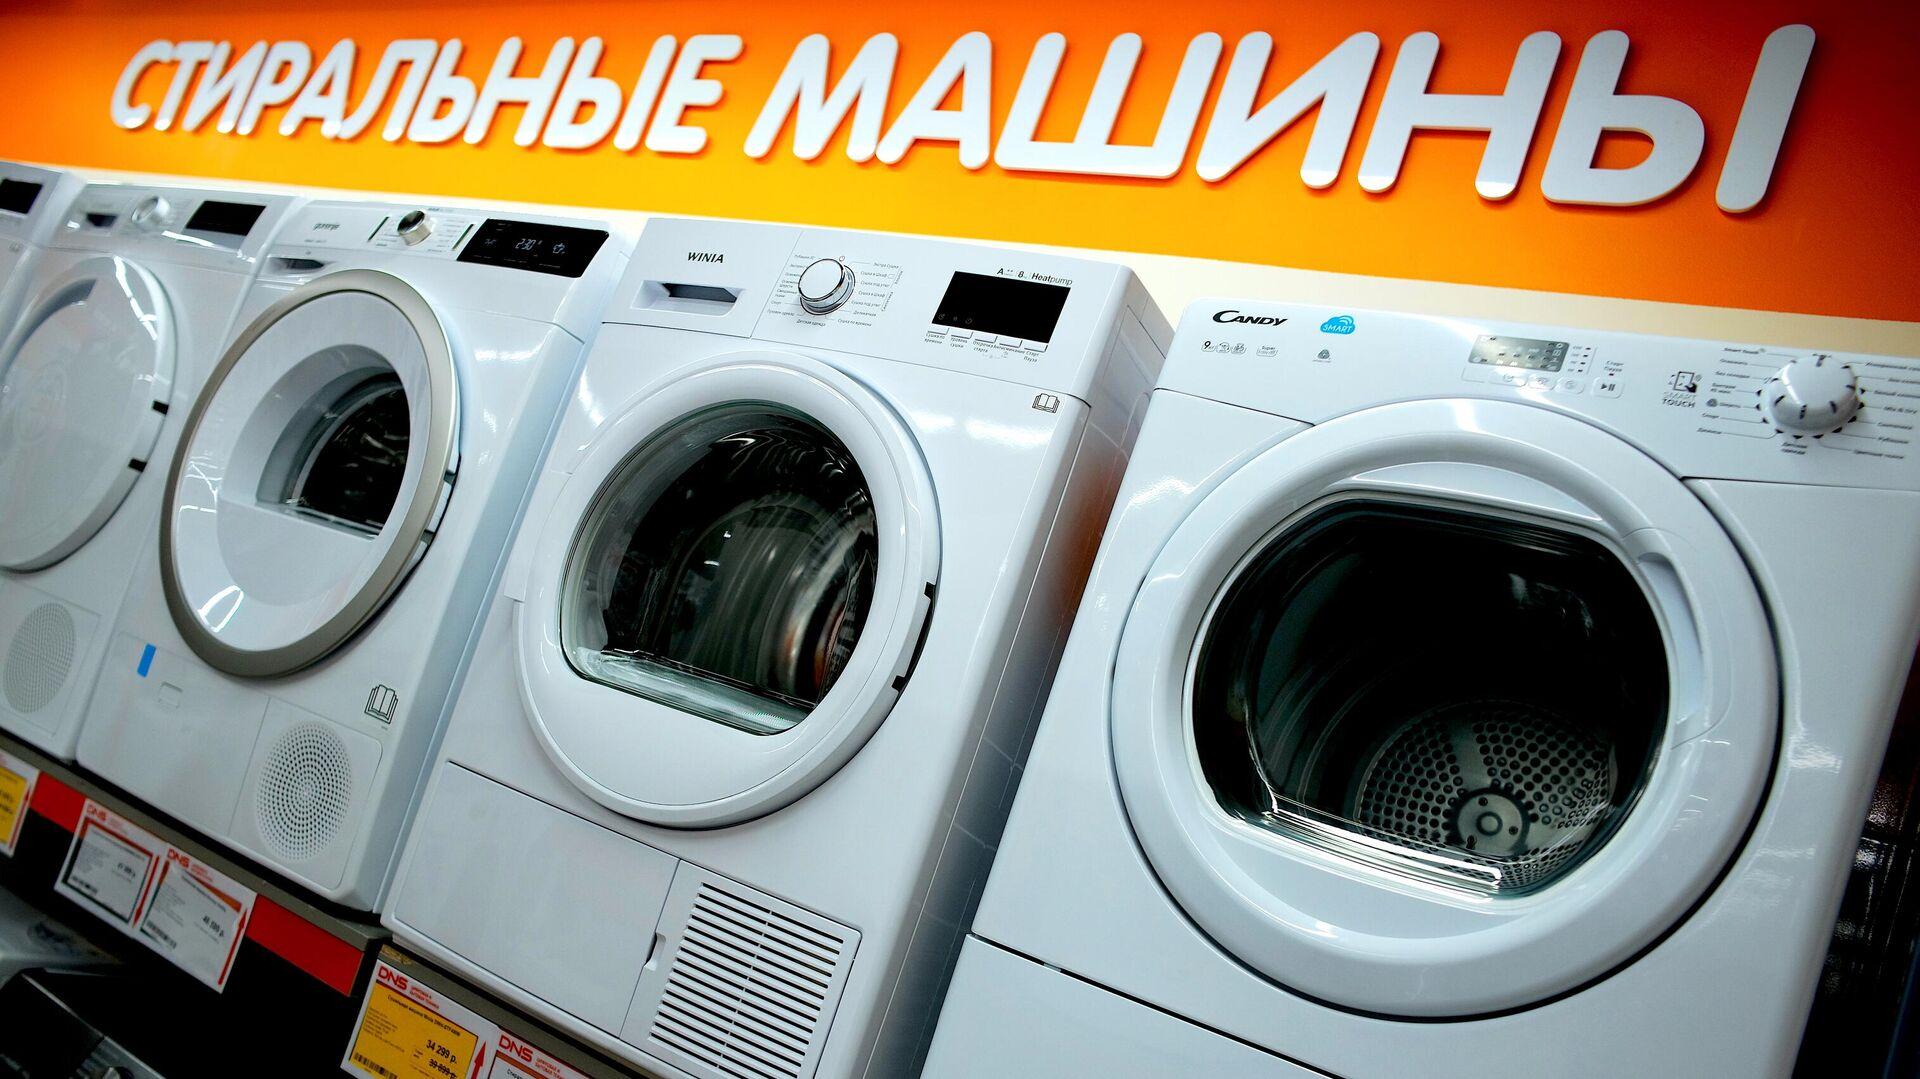 РБК: в России возможен дефицит холодильников и кондиционеров